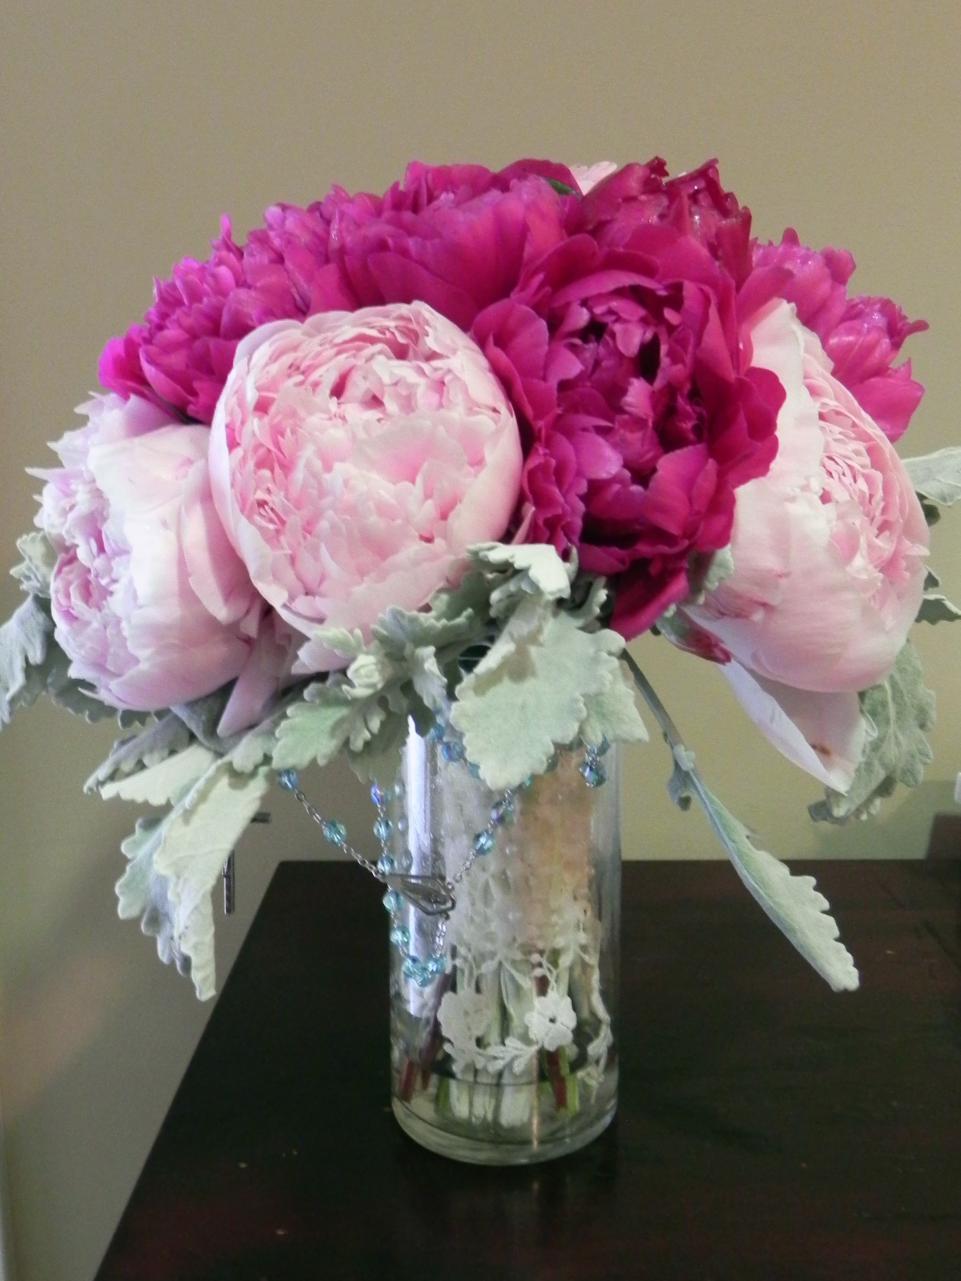 POSH Wedding Flowers - Between Bouquets